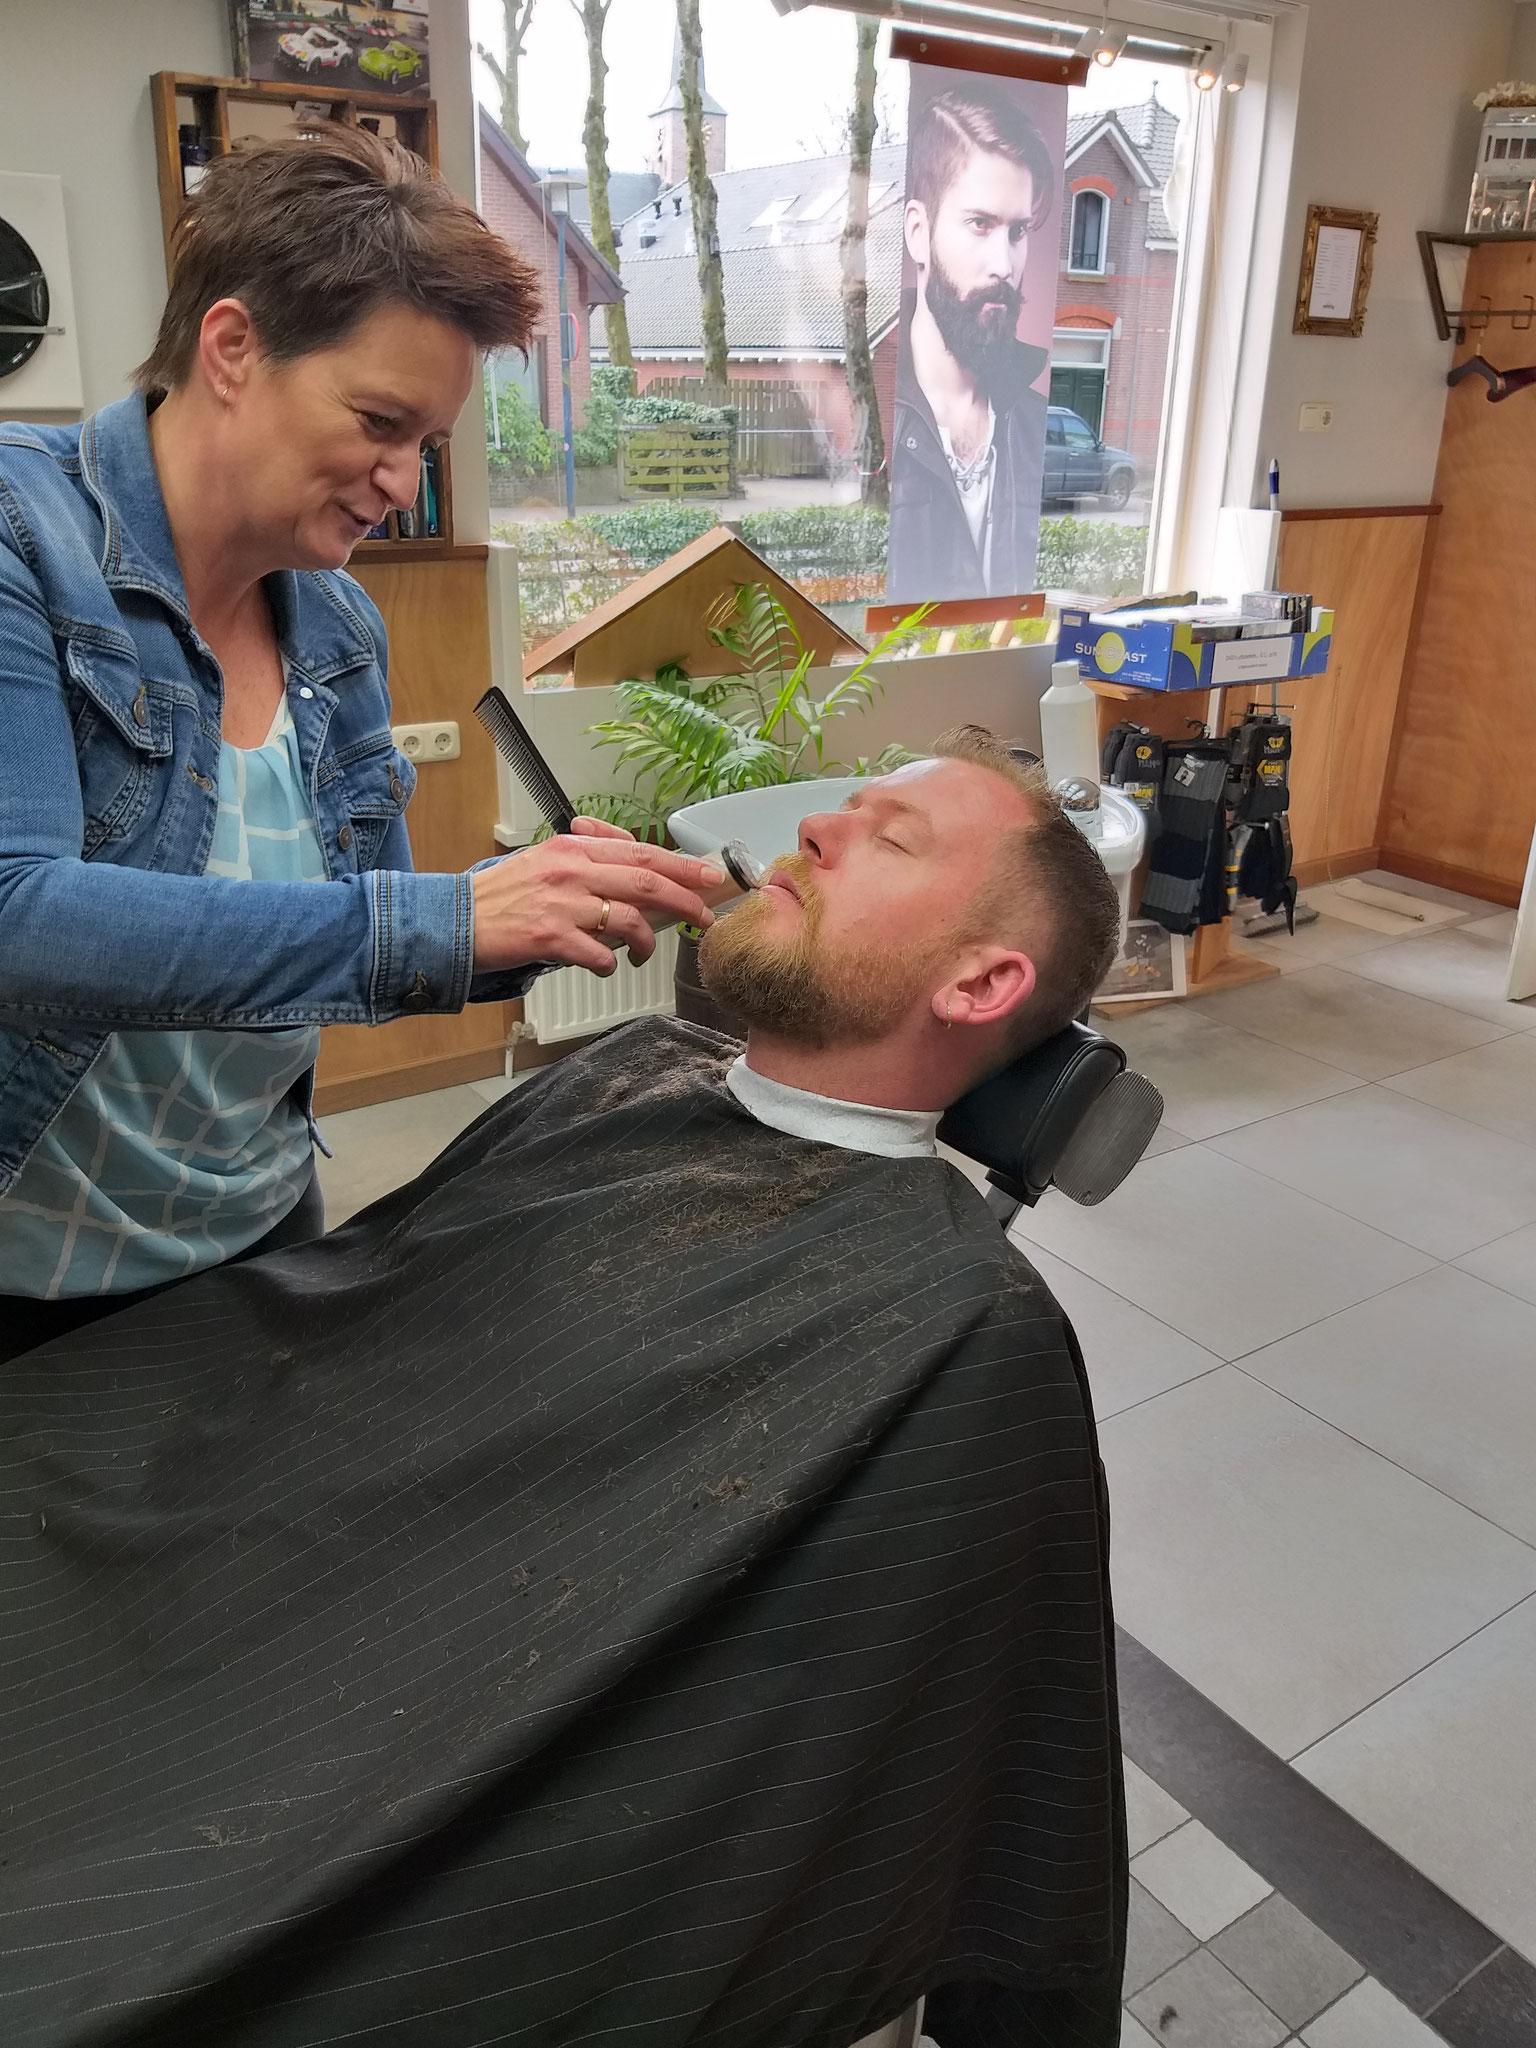 Barbierin Ingrid verzorgd een baard